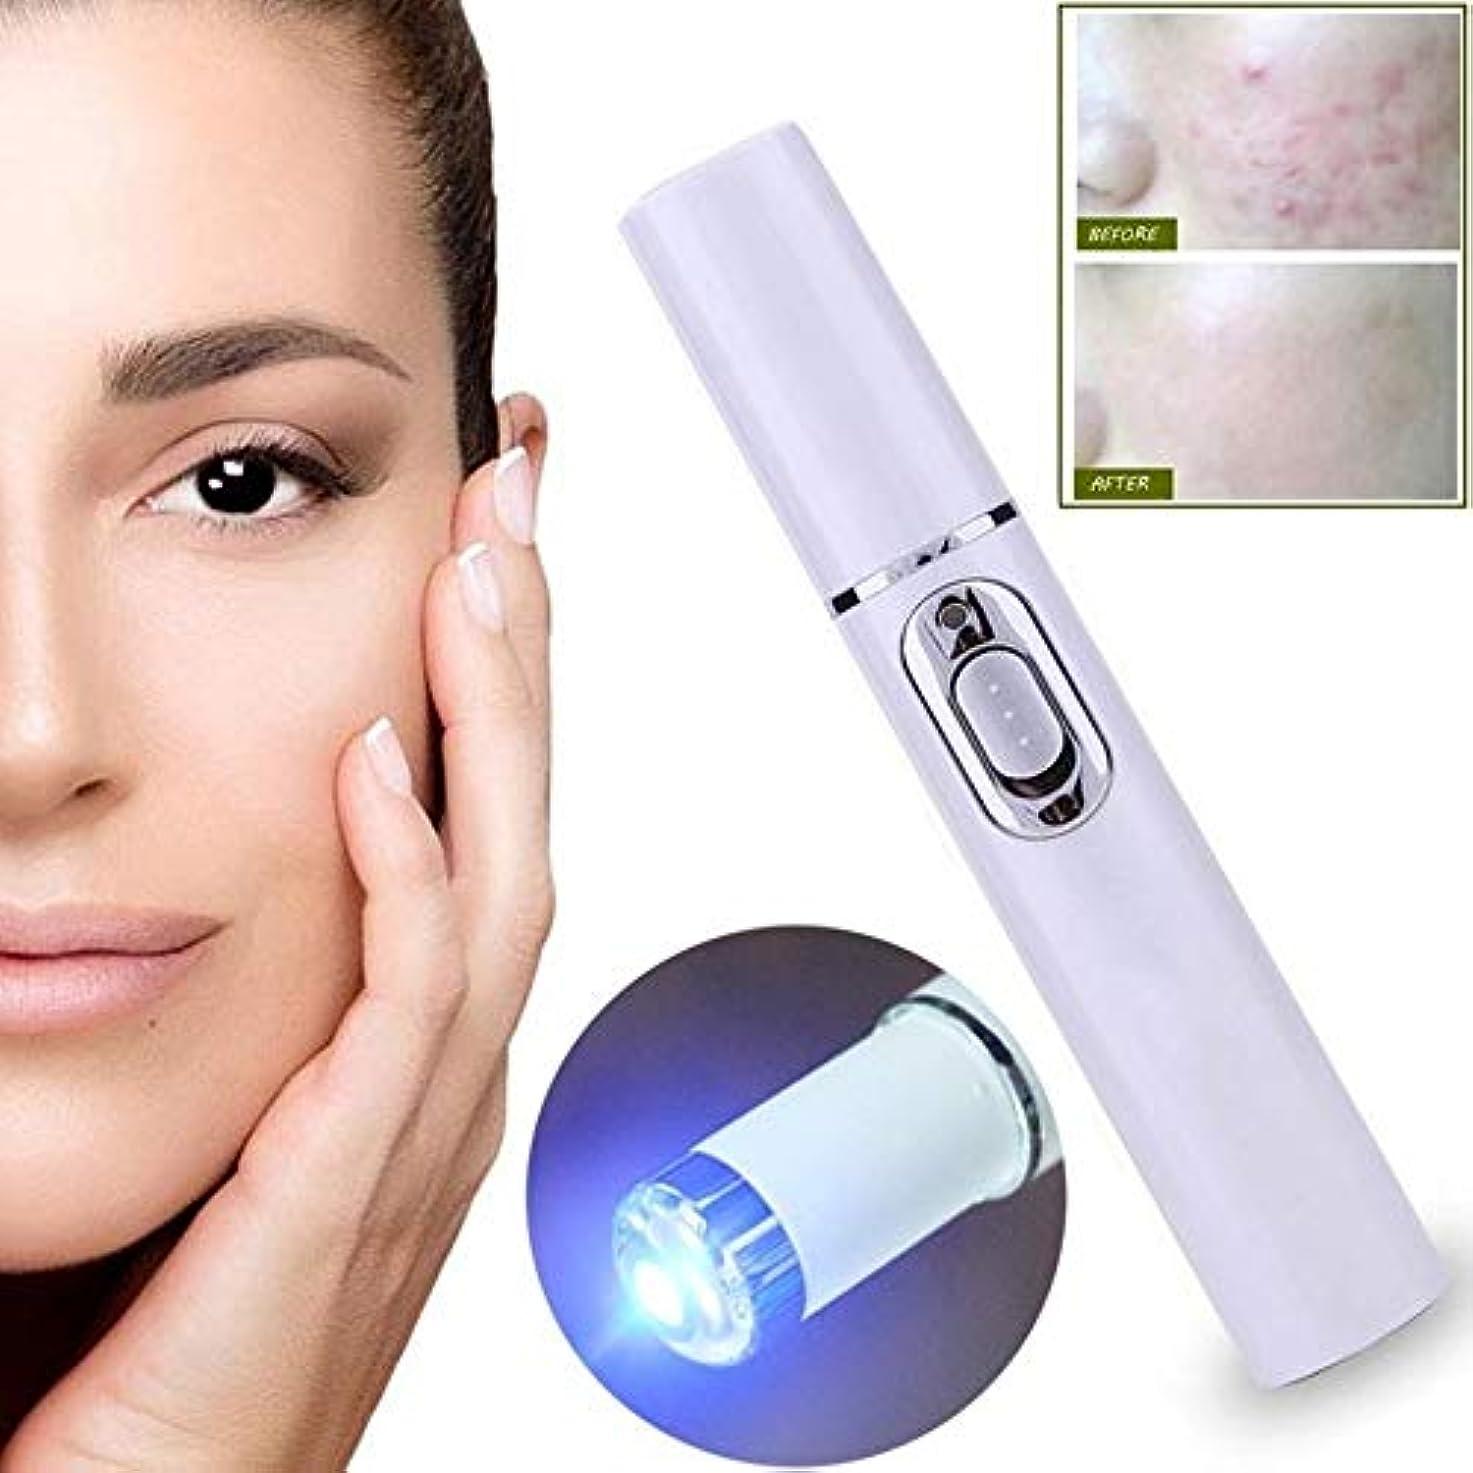 滴下佐賀降ろすにきび治療とにきび跡治療のための美容ライトセラピーデバイス、にきびを削除し、しわほくろダークスポット除去機を削減します